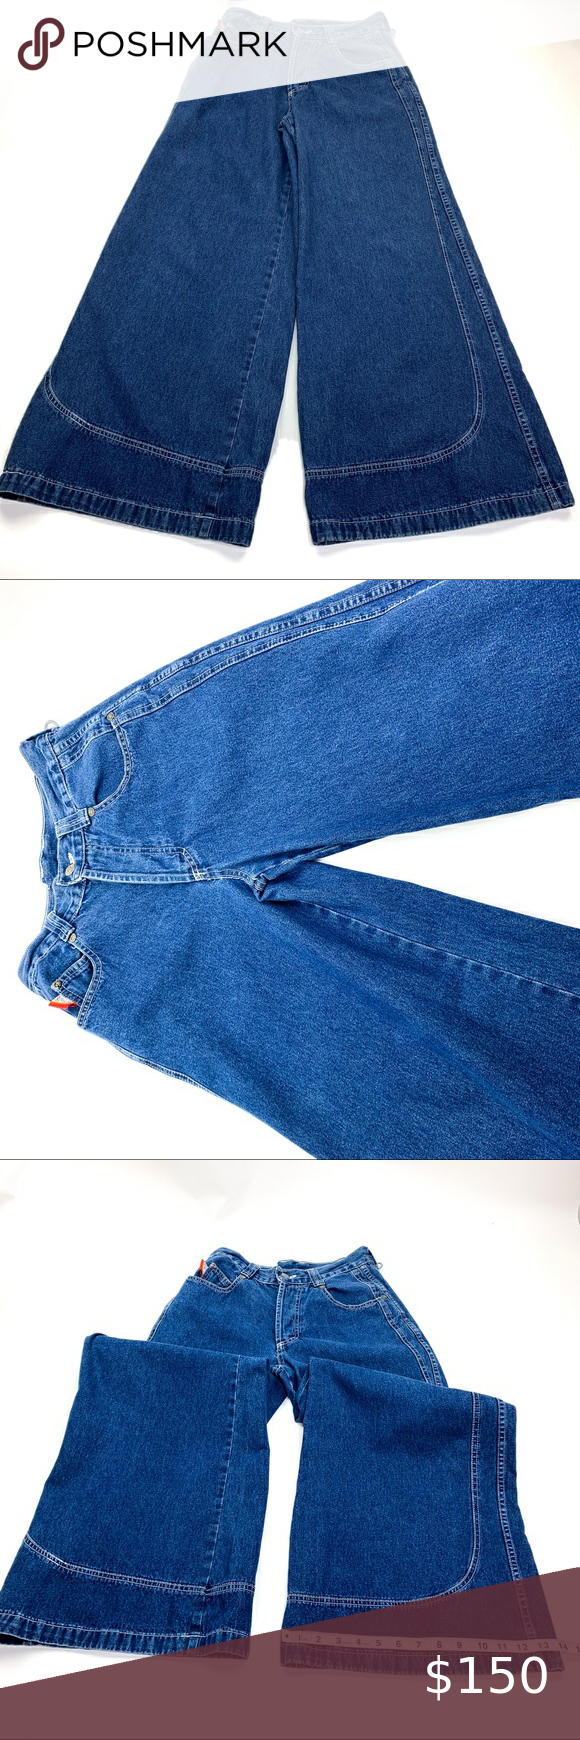 dogovor bleščeče prispevajte kik jeans